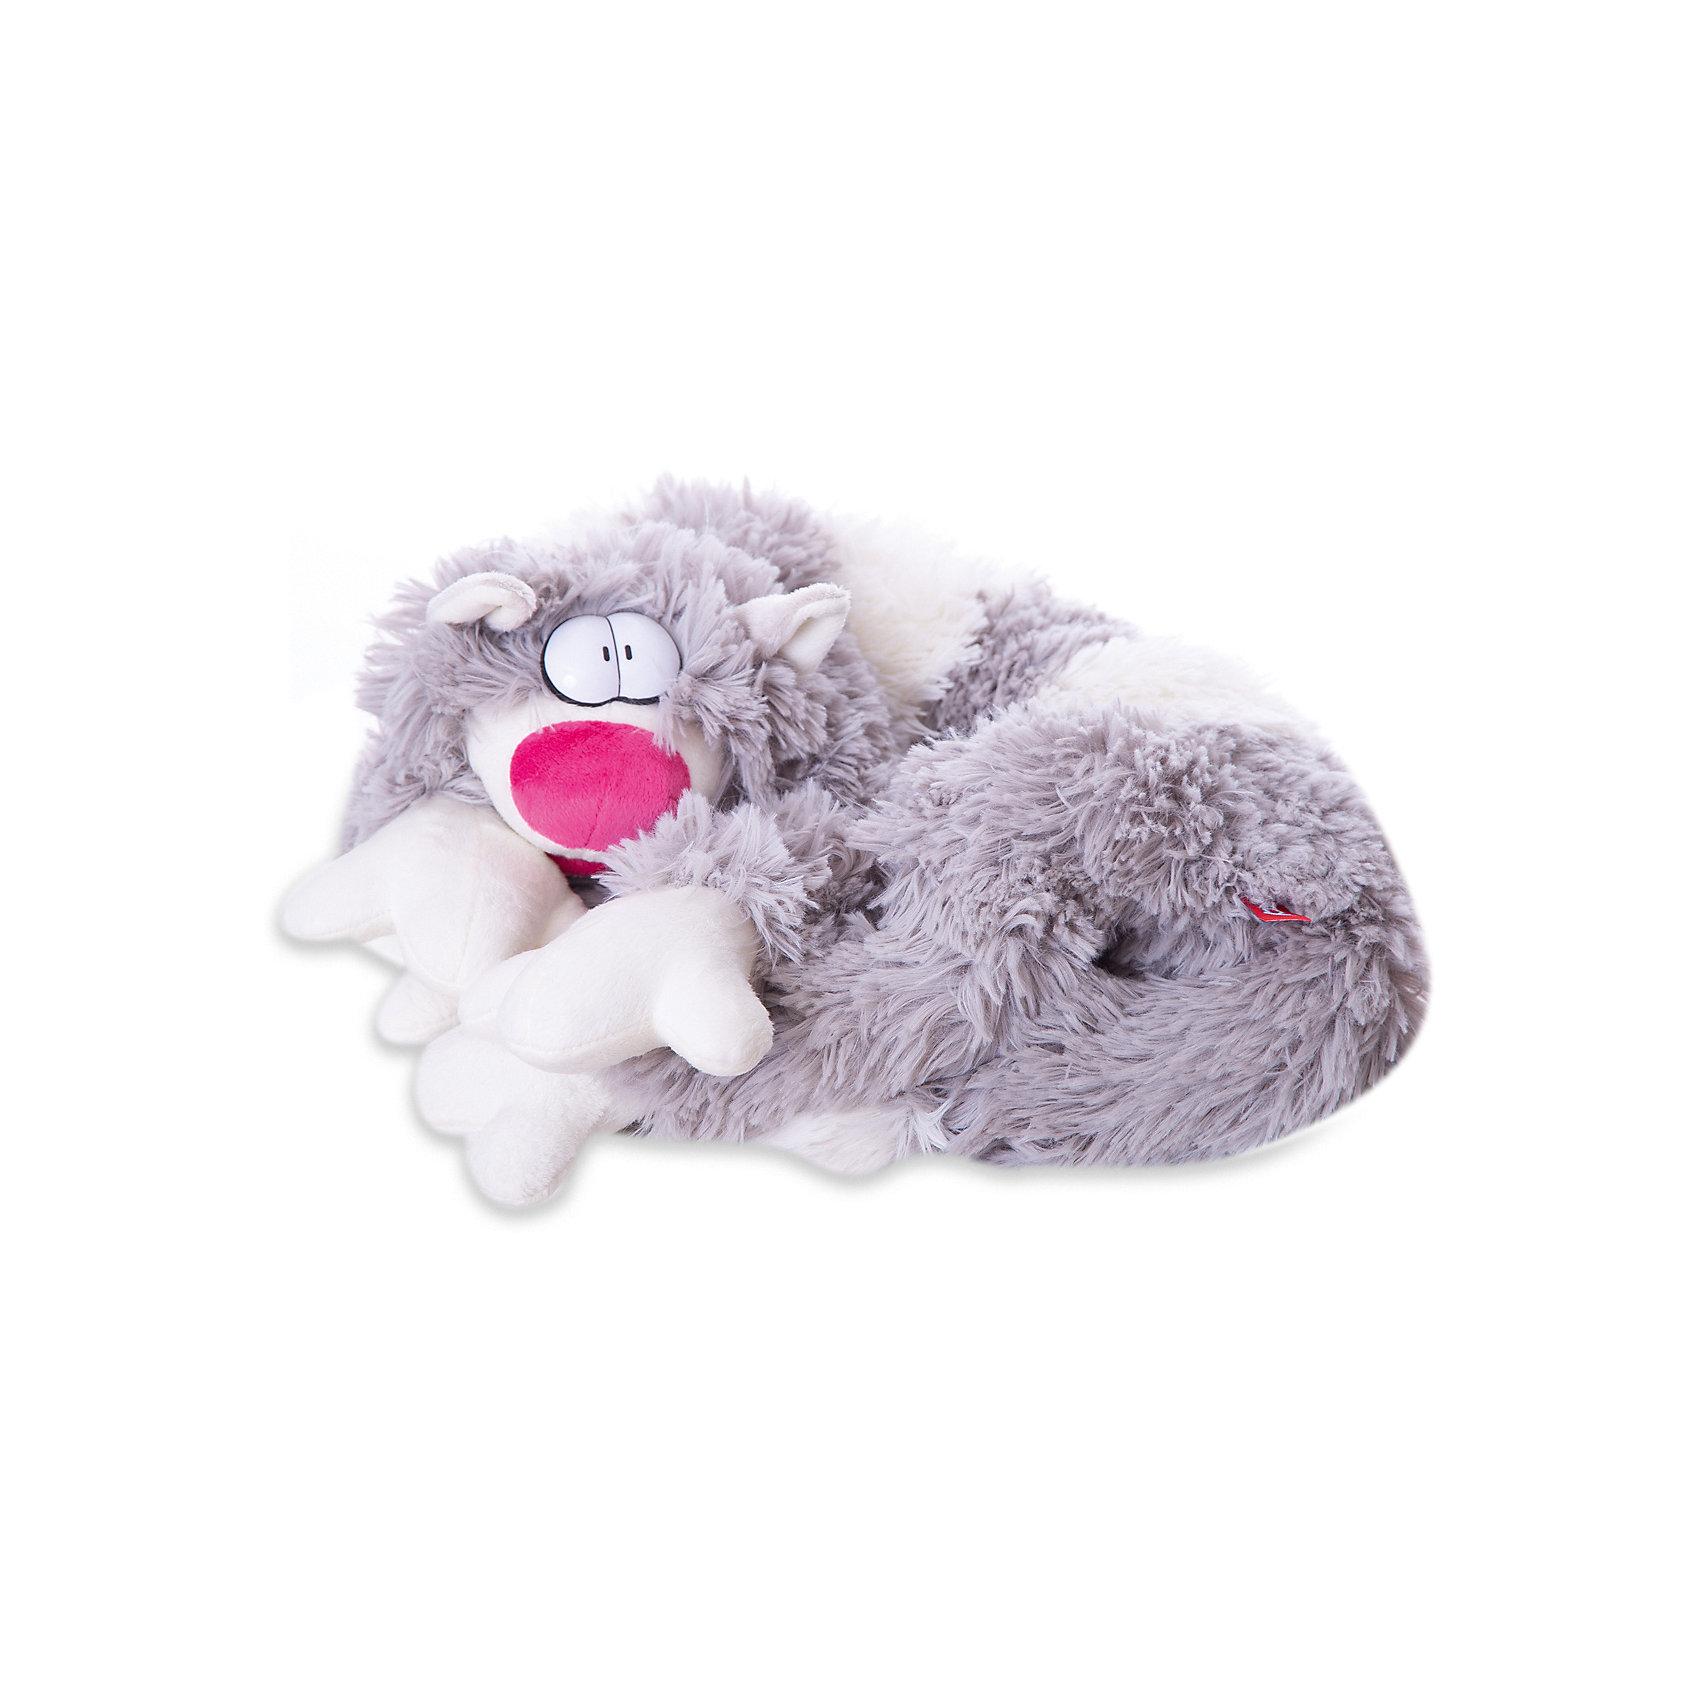 Мягкая игрушка Кот Бекон, FancyКошки и собаки<br>Характеристики:<br><br>• длина игрушки: 80 см;<br>• тип игрушки: мягконабивная;<br>• материал: плюш, синтетический наполнитель. <br><br>Причудливый кот с выпученными глазами так и норовит приобнять хозяина. Пушистое существо длиной 80 см может стать шарфом, подушкой или ковриком. Котяра Бекон даже выпускает коготки, когда с ним забывают поиграть. <br><br>Мягкую игрушку Кот Бекон, Fancy можно купить в нашем магазине.<br><br>Ширина мм: 200<br>Глубина мм: 220<br>Высота мм: 800<br>Вес г: 410<br>Возраст от месяцев: 36<br>Возраст до месяцев: 2147483647<br>Пол: Унисекс<br>Возраст: Детский<br>SKU: 5268998